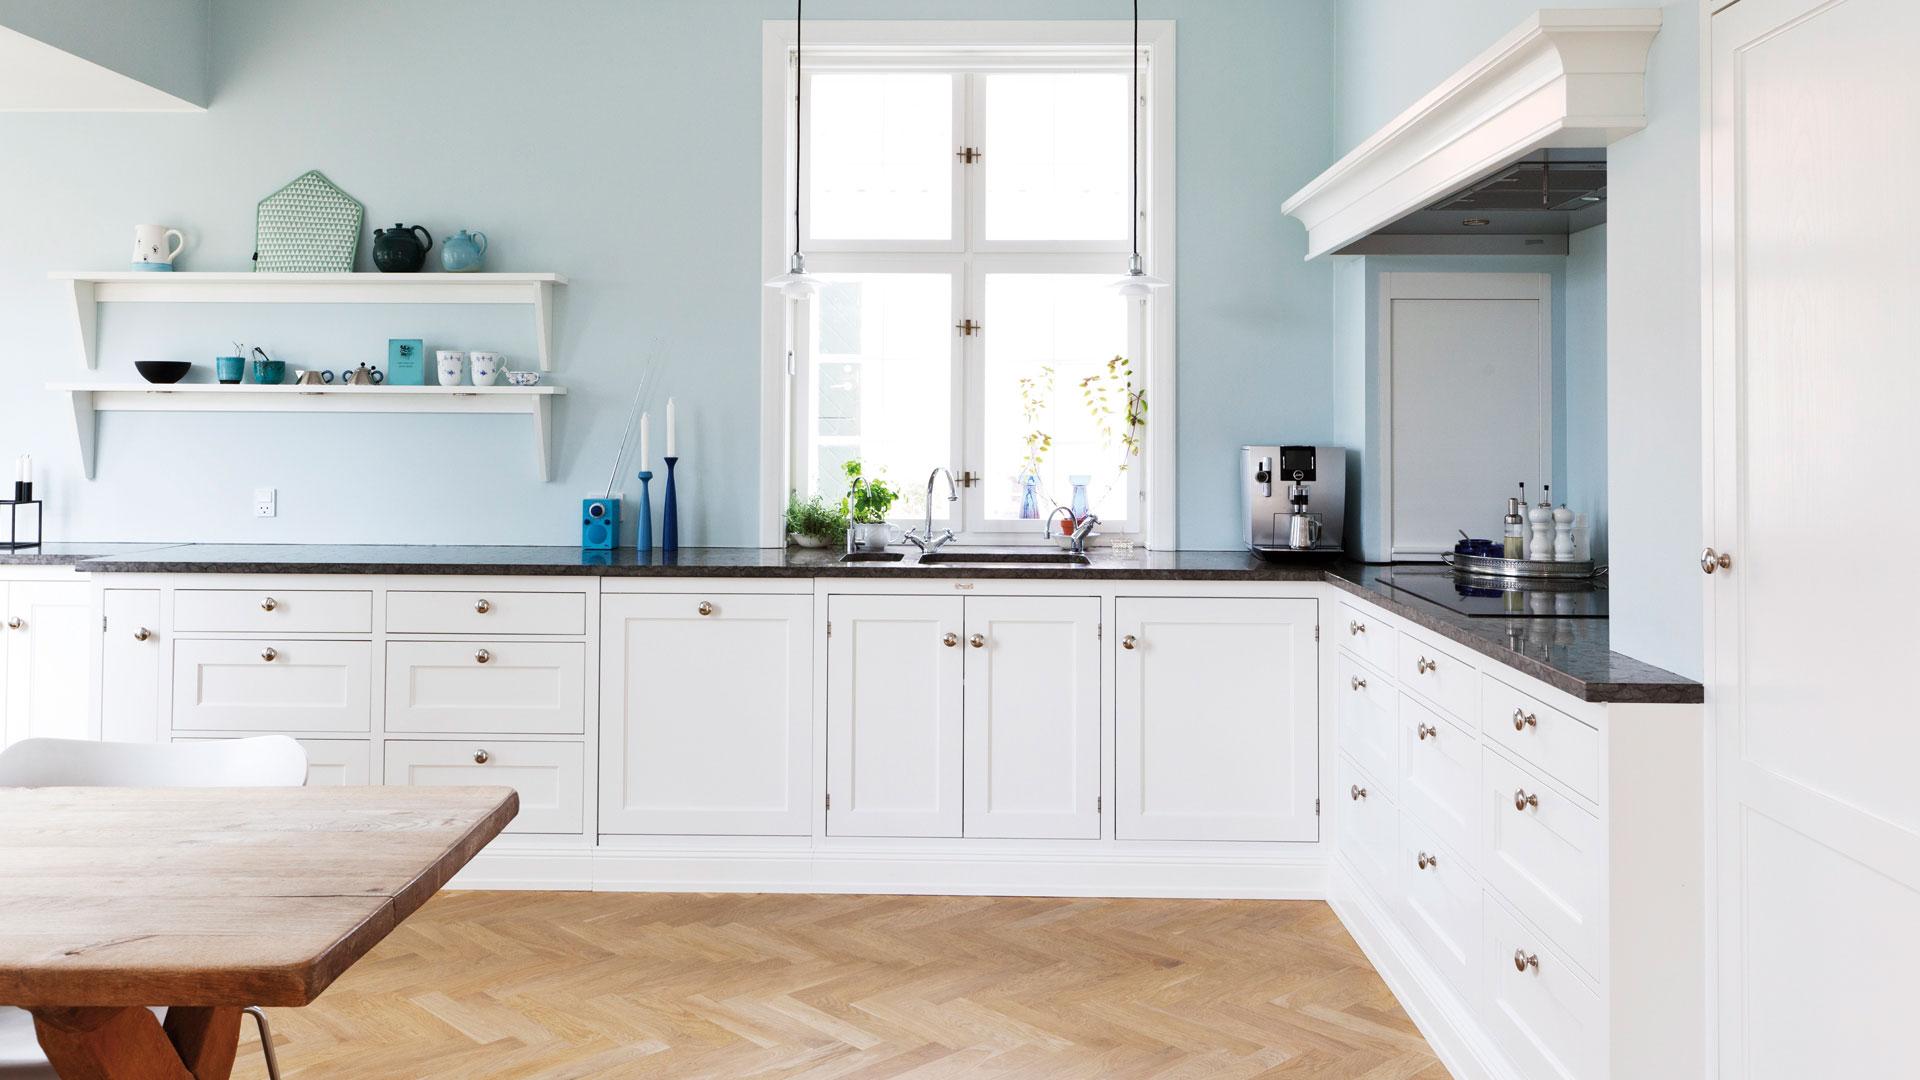 кухня без верхних шкафов с окном над раковиной